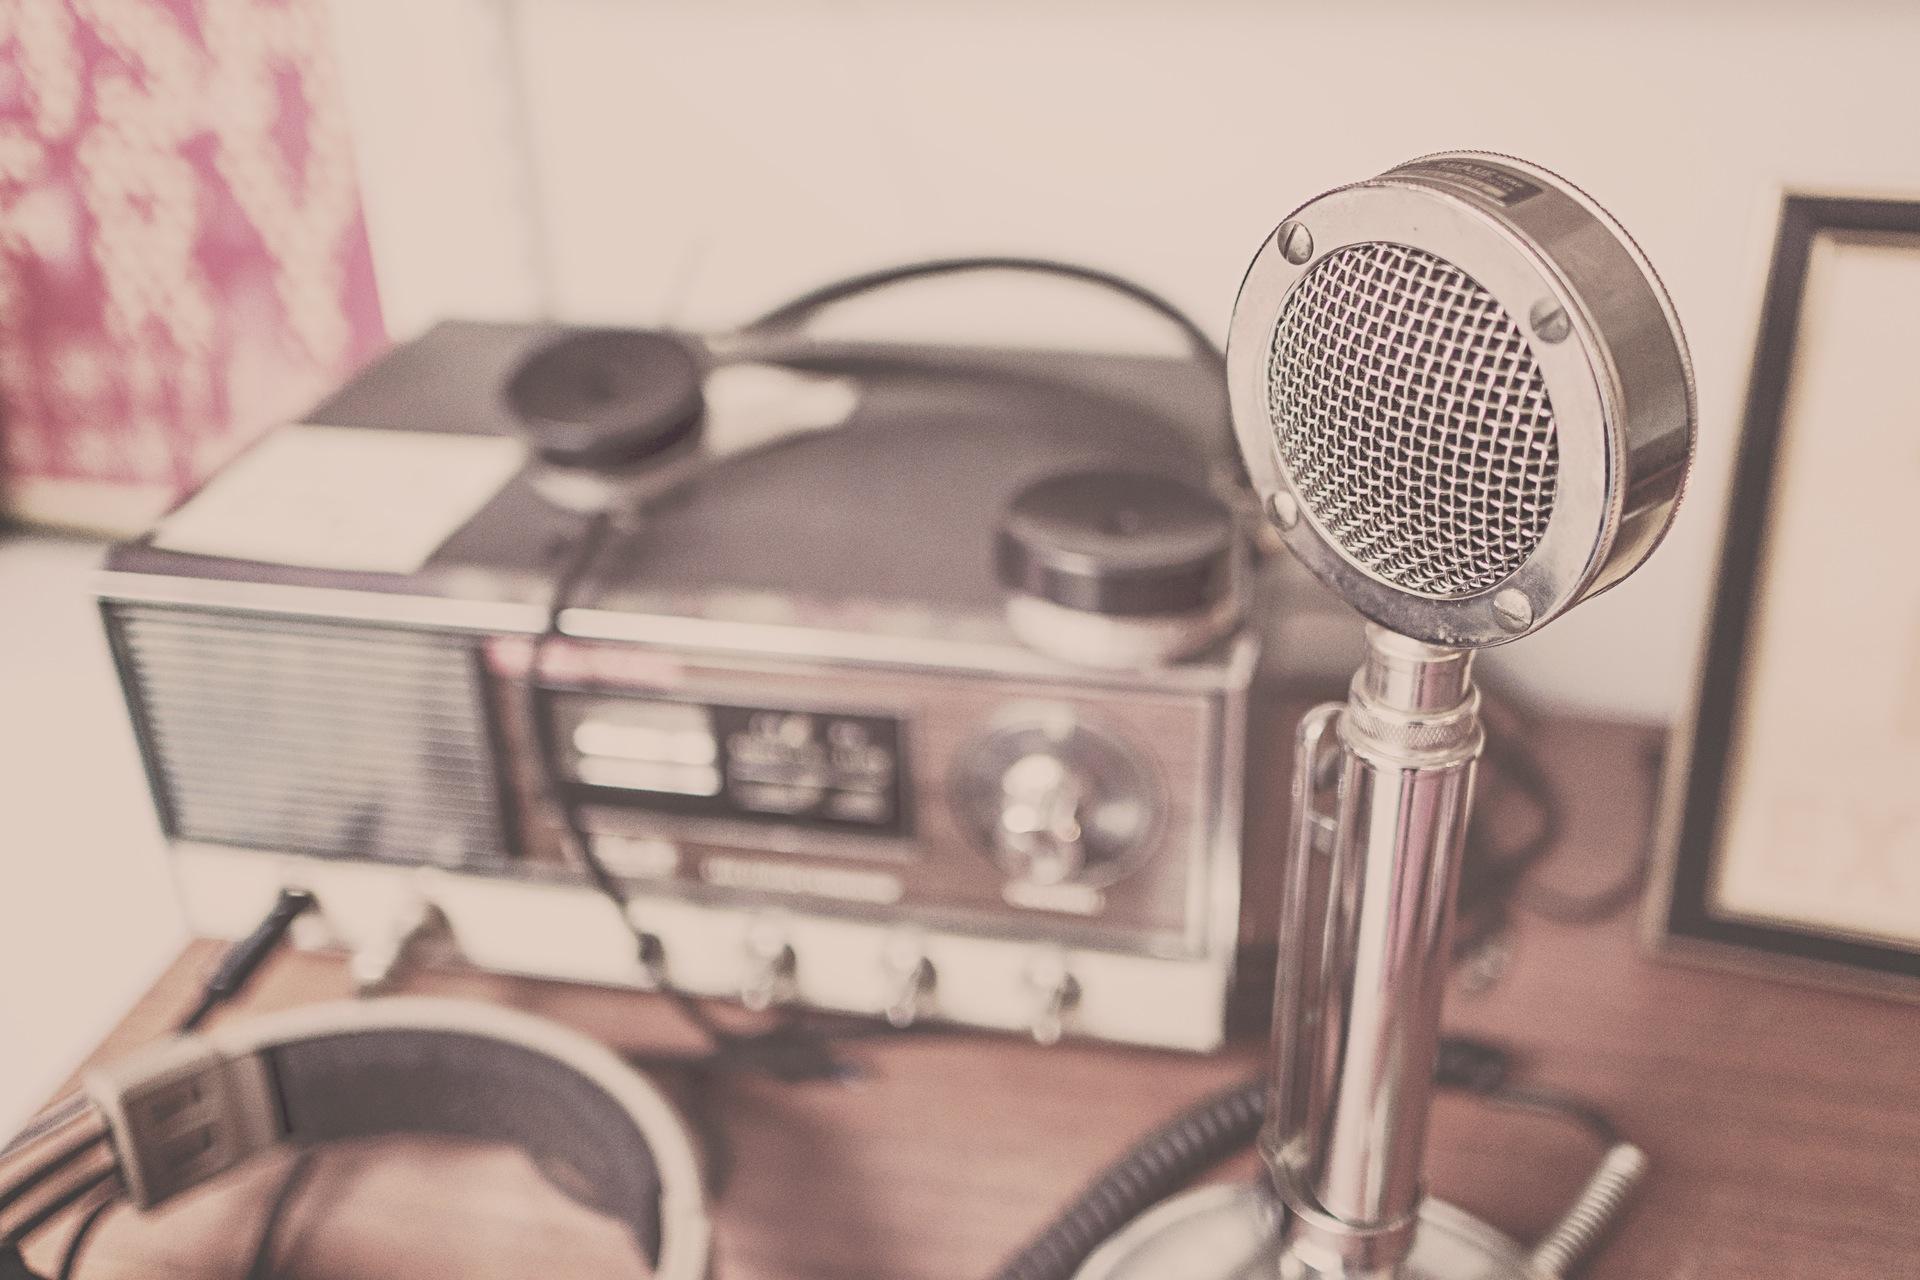 ραδιόφωνο, μικρόφωνο, ομιλητής, ήχος, ήχου, παλιάς χρονολογίας, παλιά - Wallpapers HD - Professor-falken.com